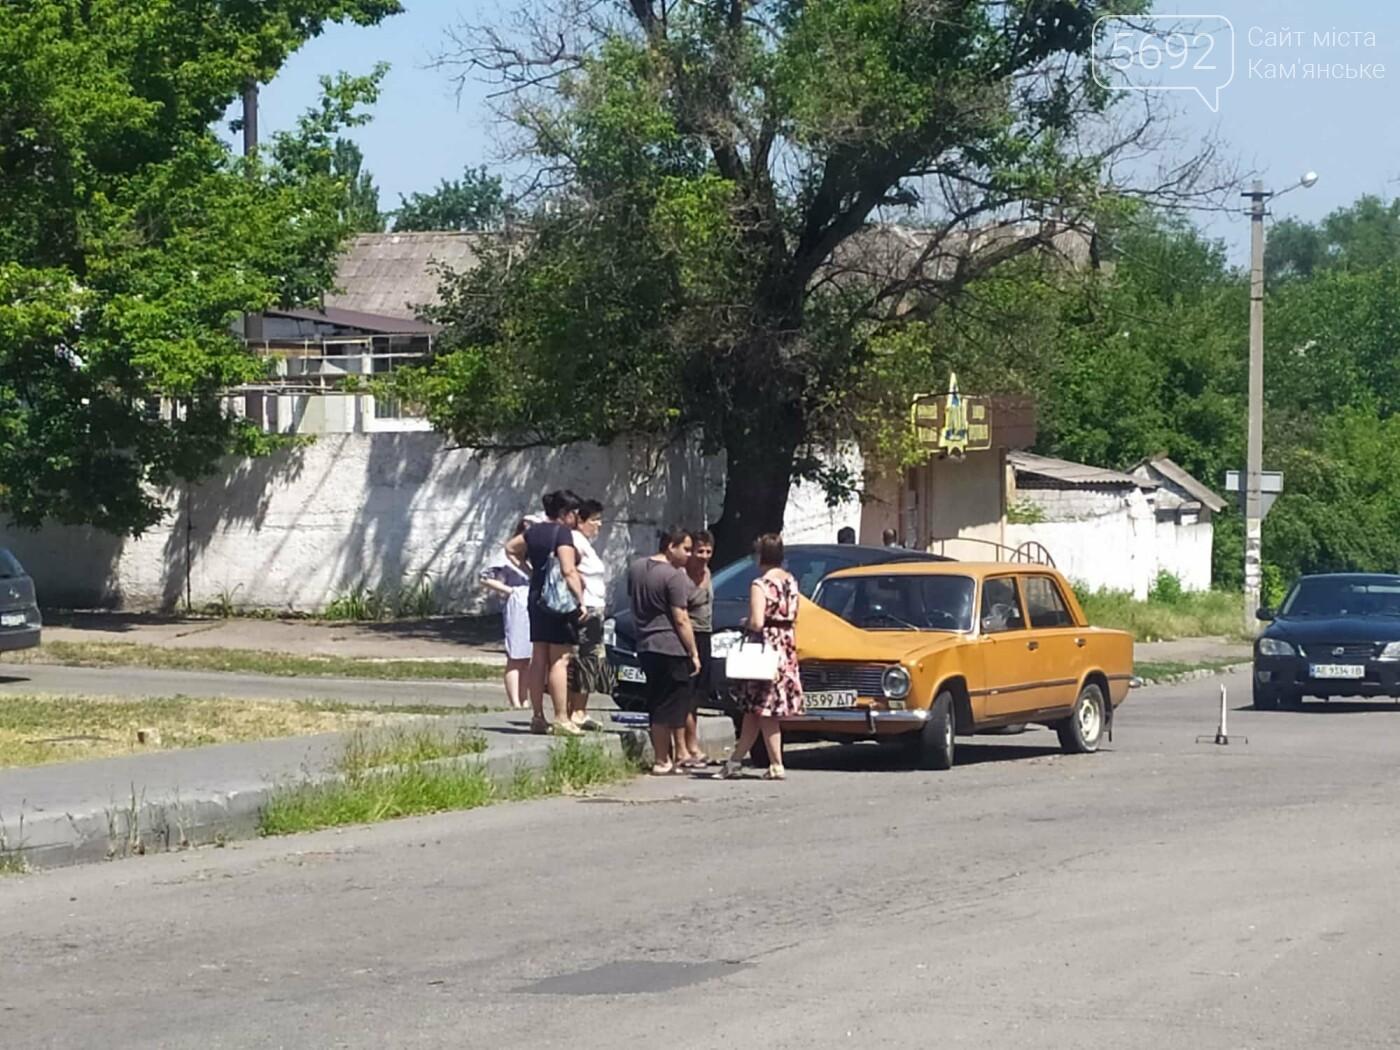 Не уступил дорогу: в Каменском на Аношкина случилось ДТП , фото-1